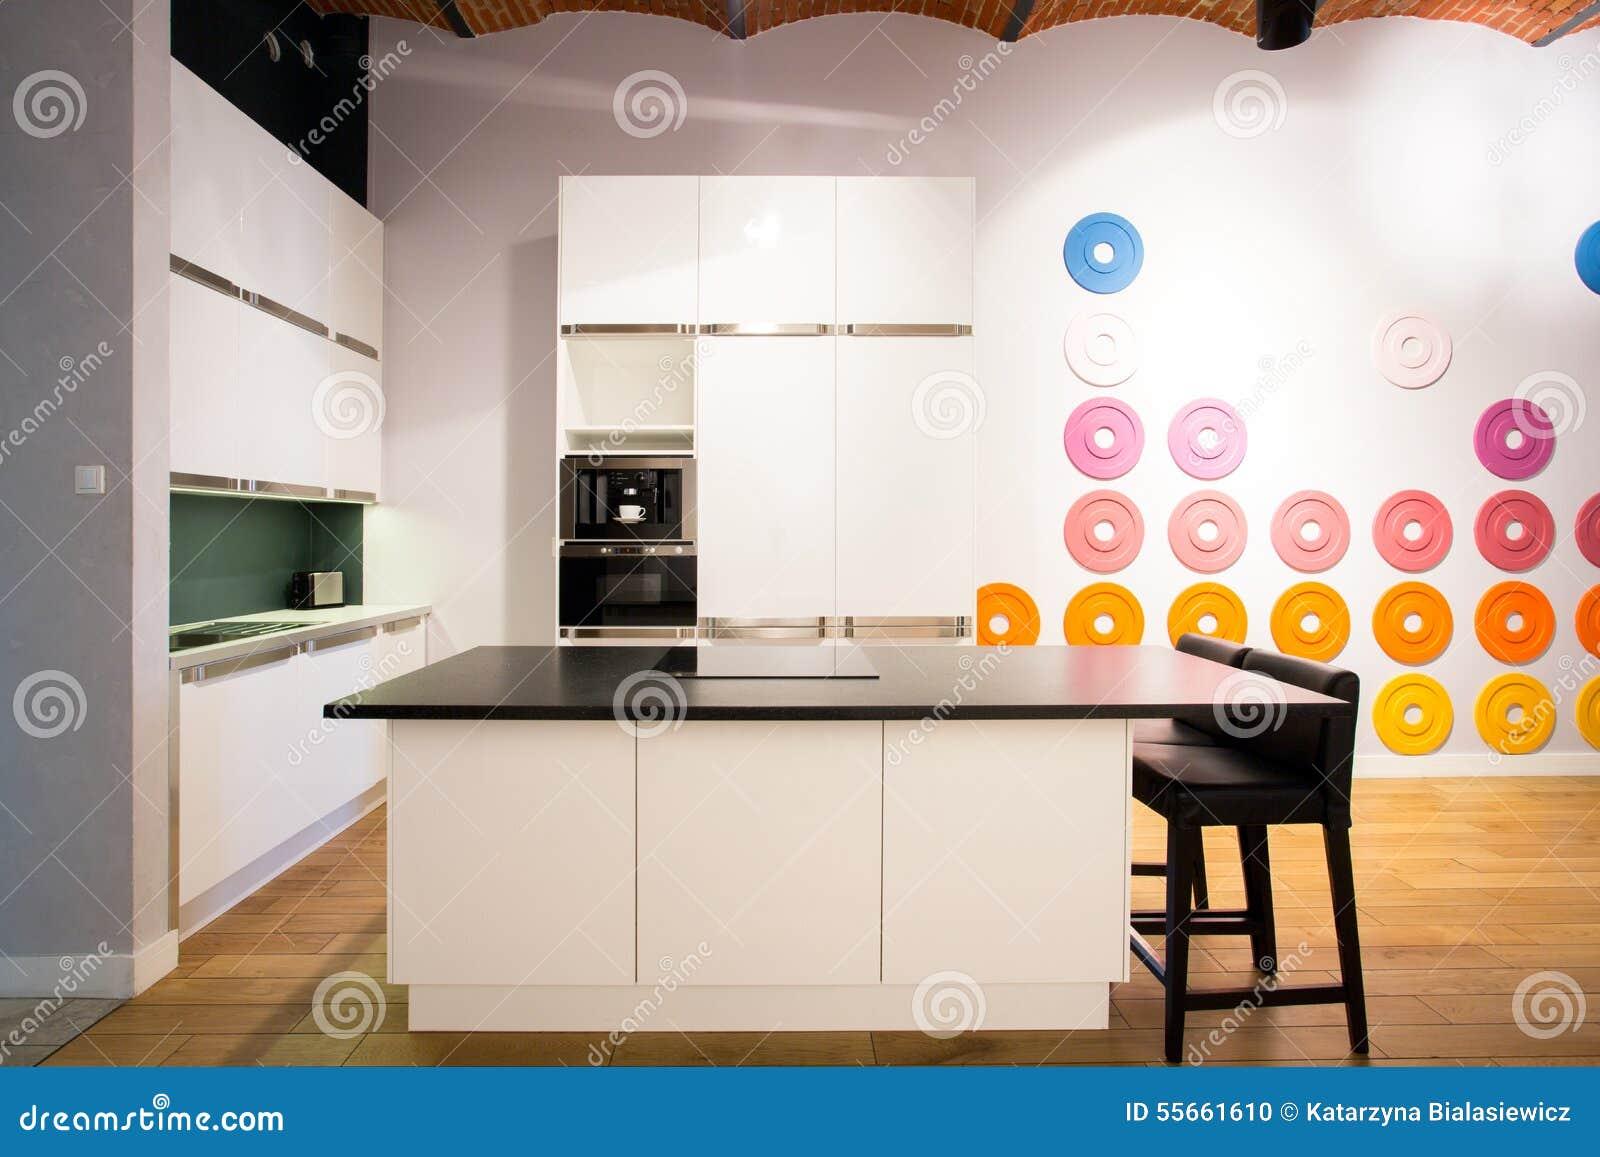 Küche mit Insel stockfoto. Bild von küche, luxus ...